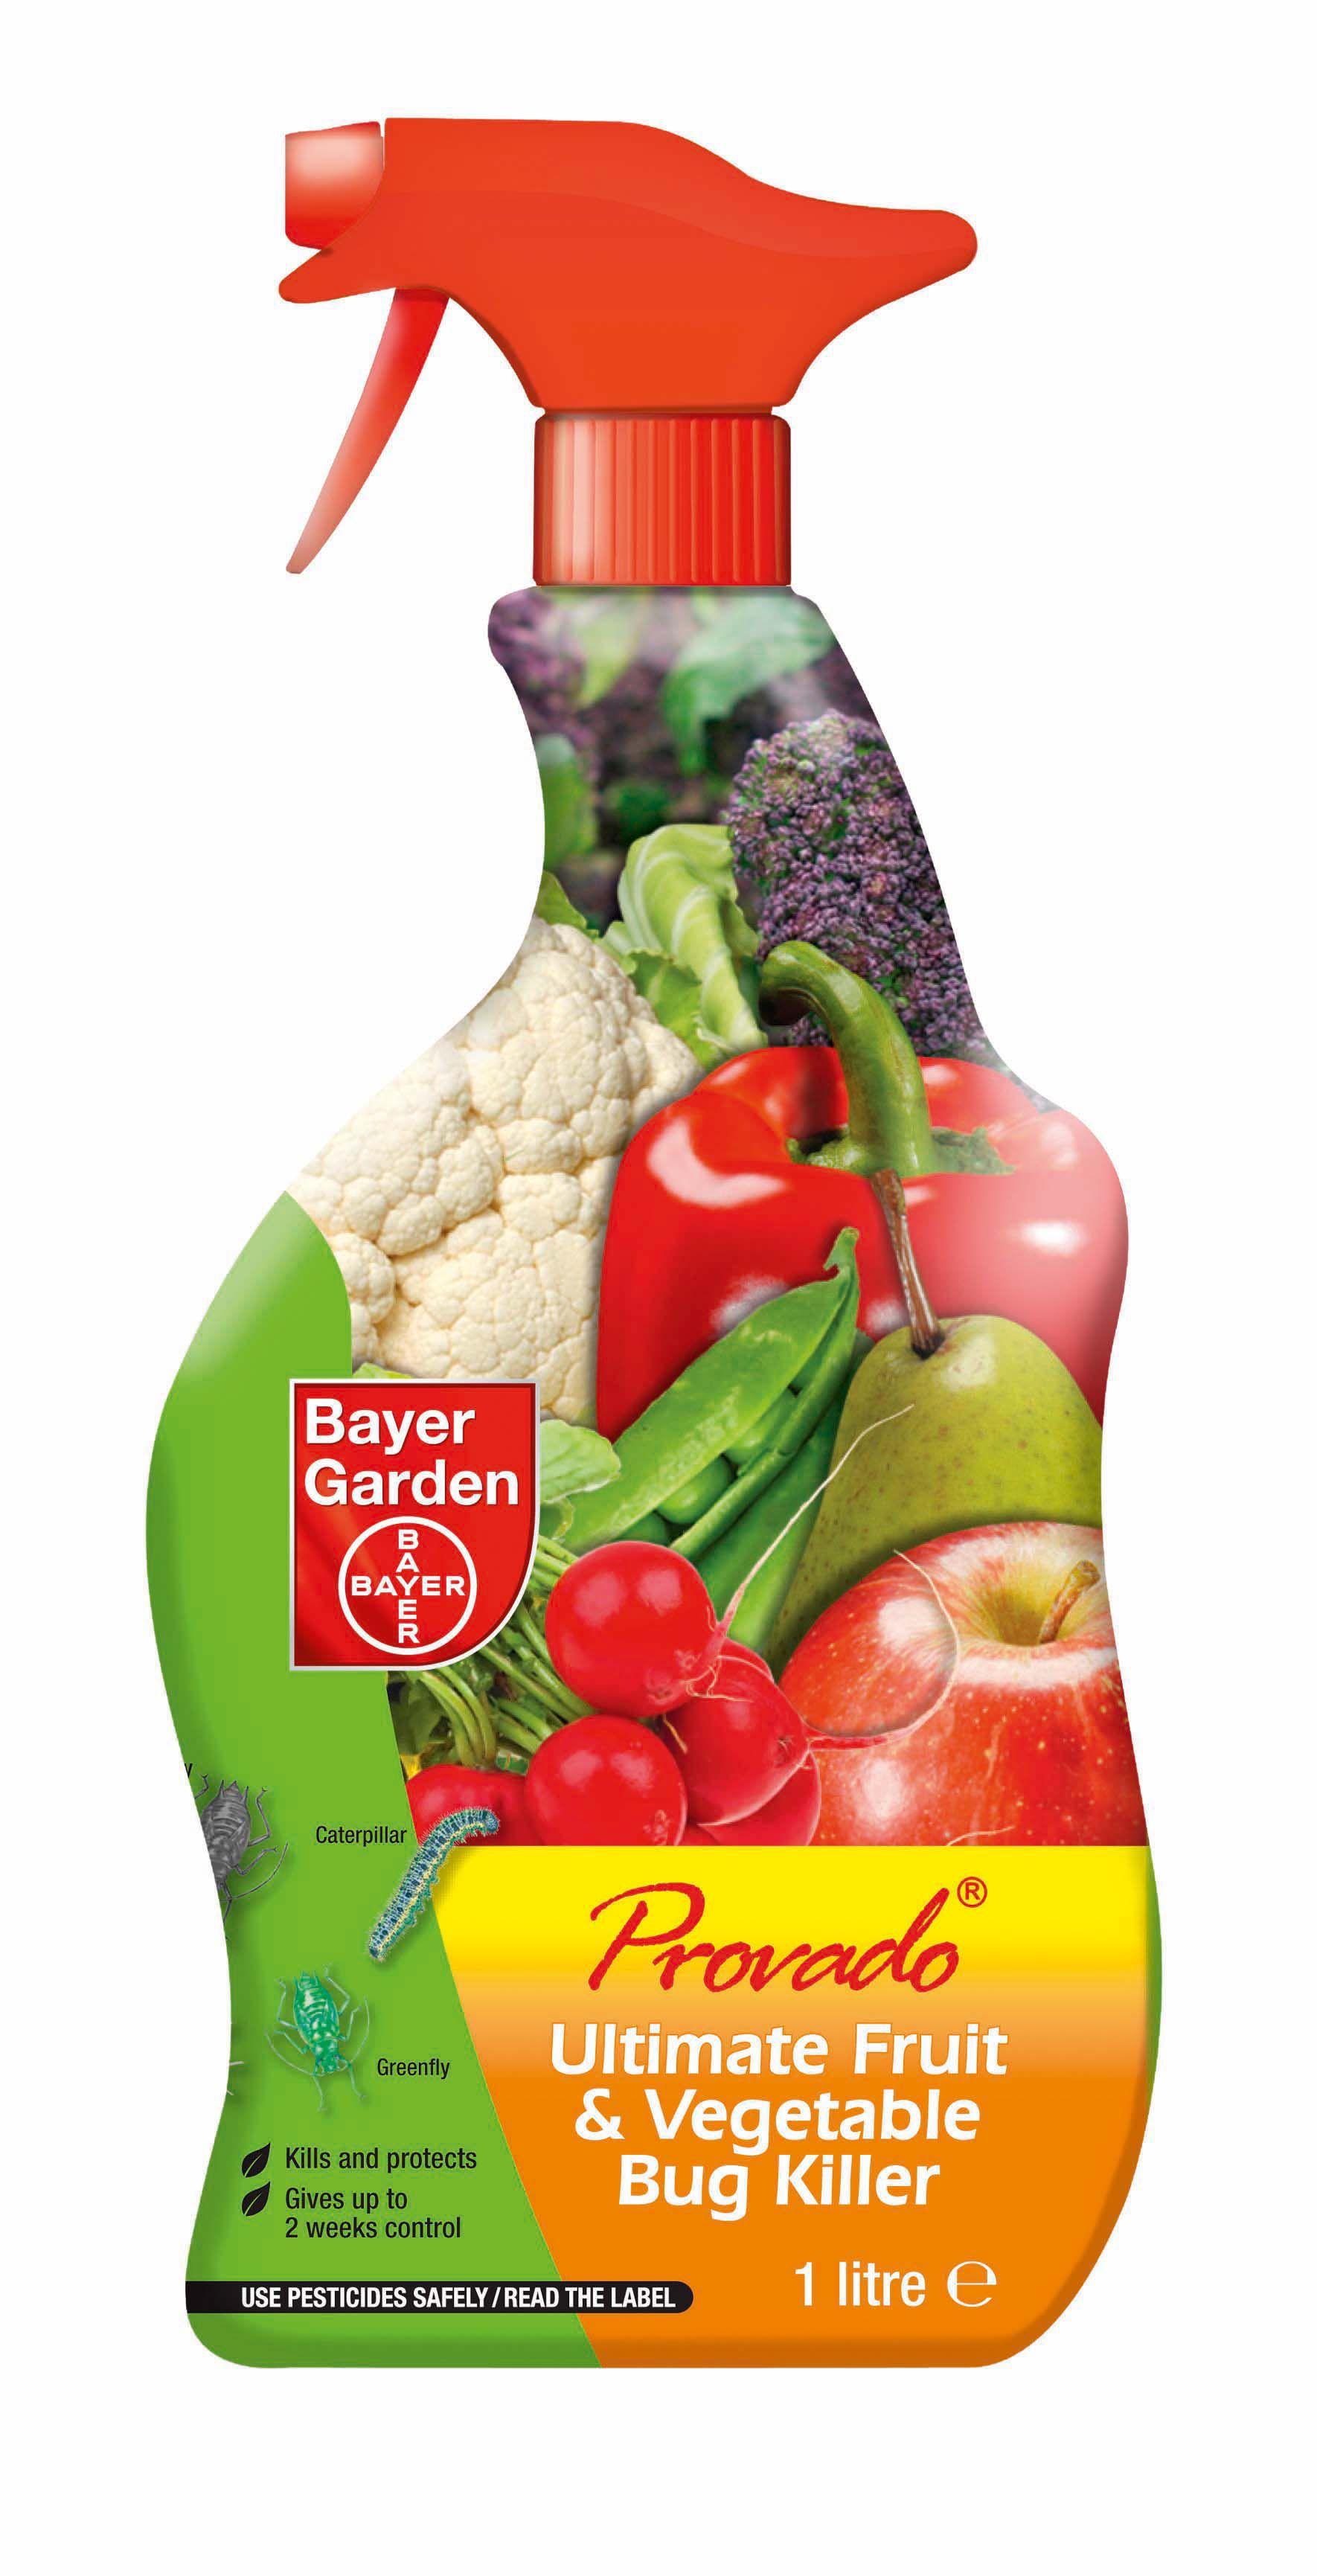 Leather jacket killer b&q - Provado Ultimate Fruit Vegetable Bug Killer 1 08l